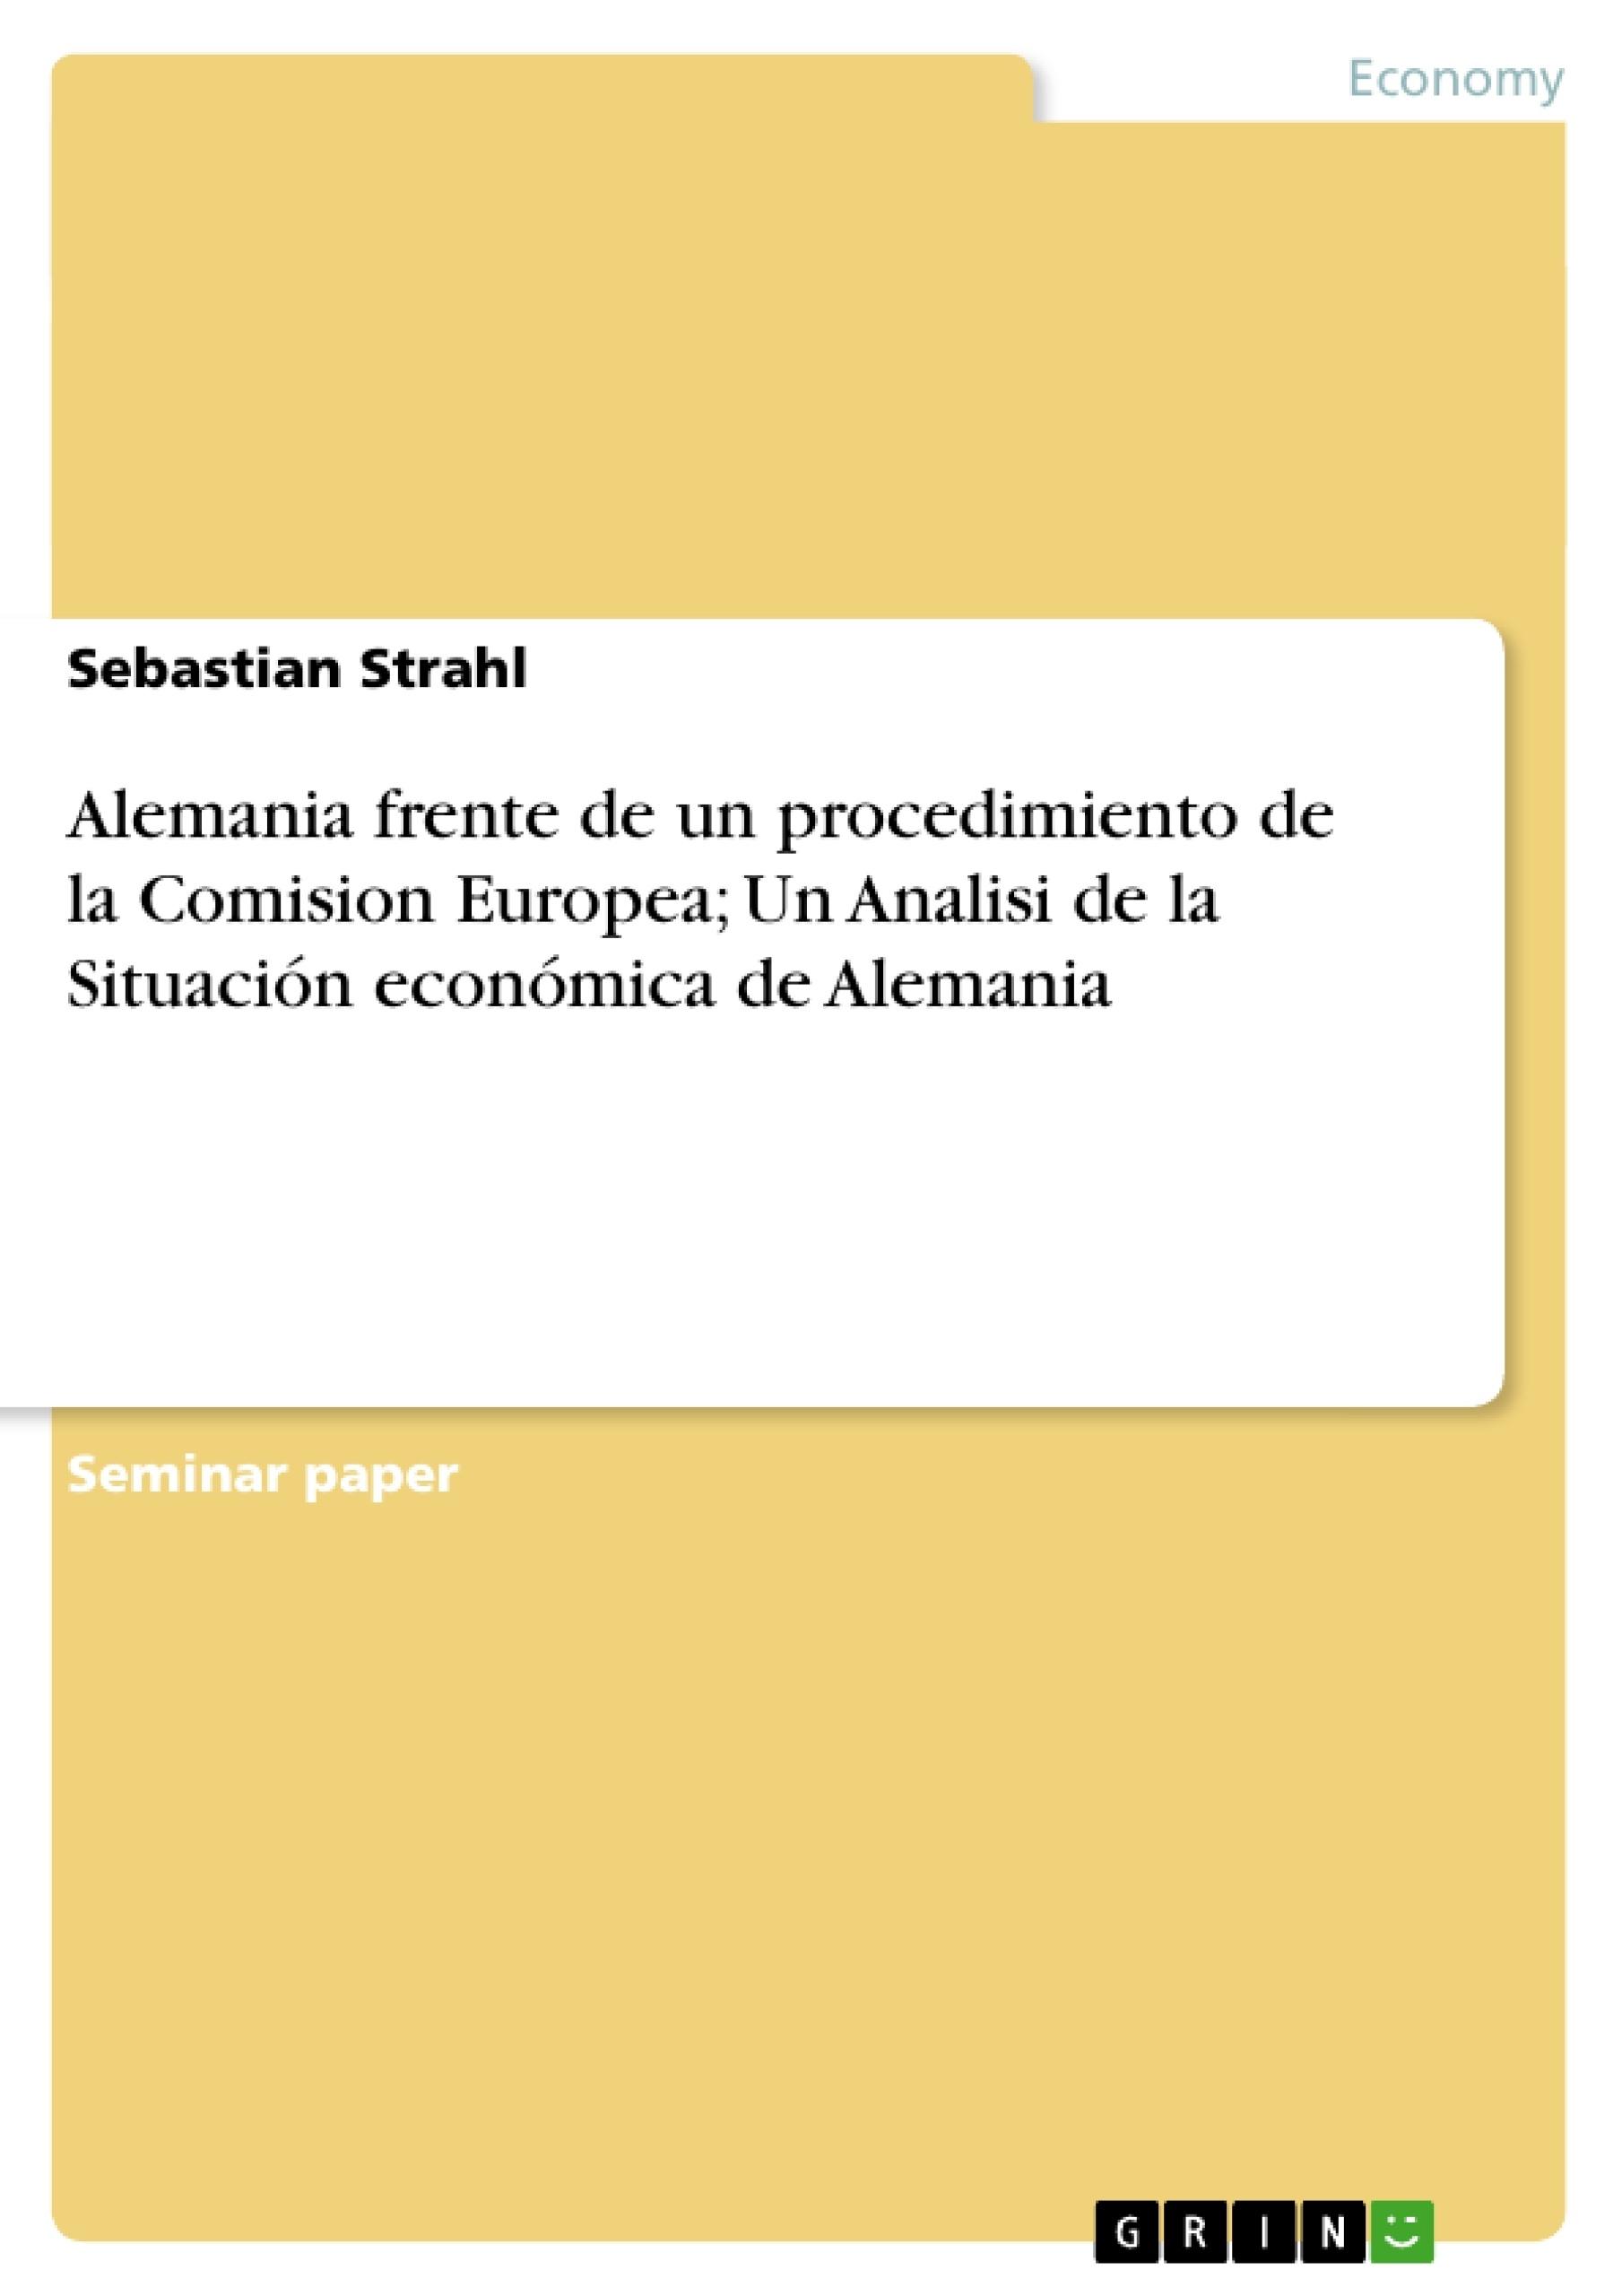 Título: Alemania frente de un procedimiento de la Comision  Europea; Un Analisi de la Situación económica de Alemania